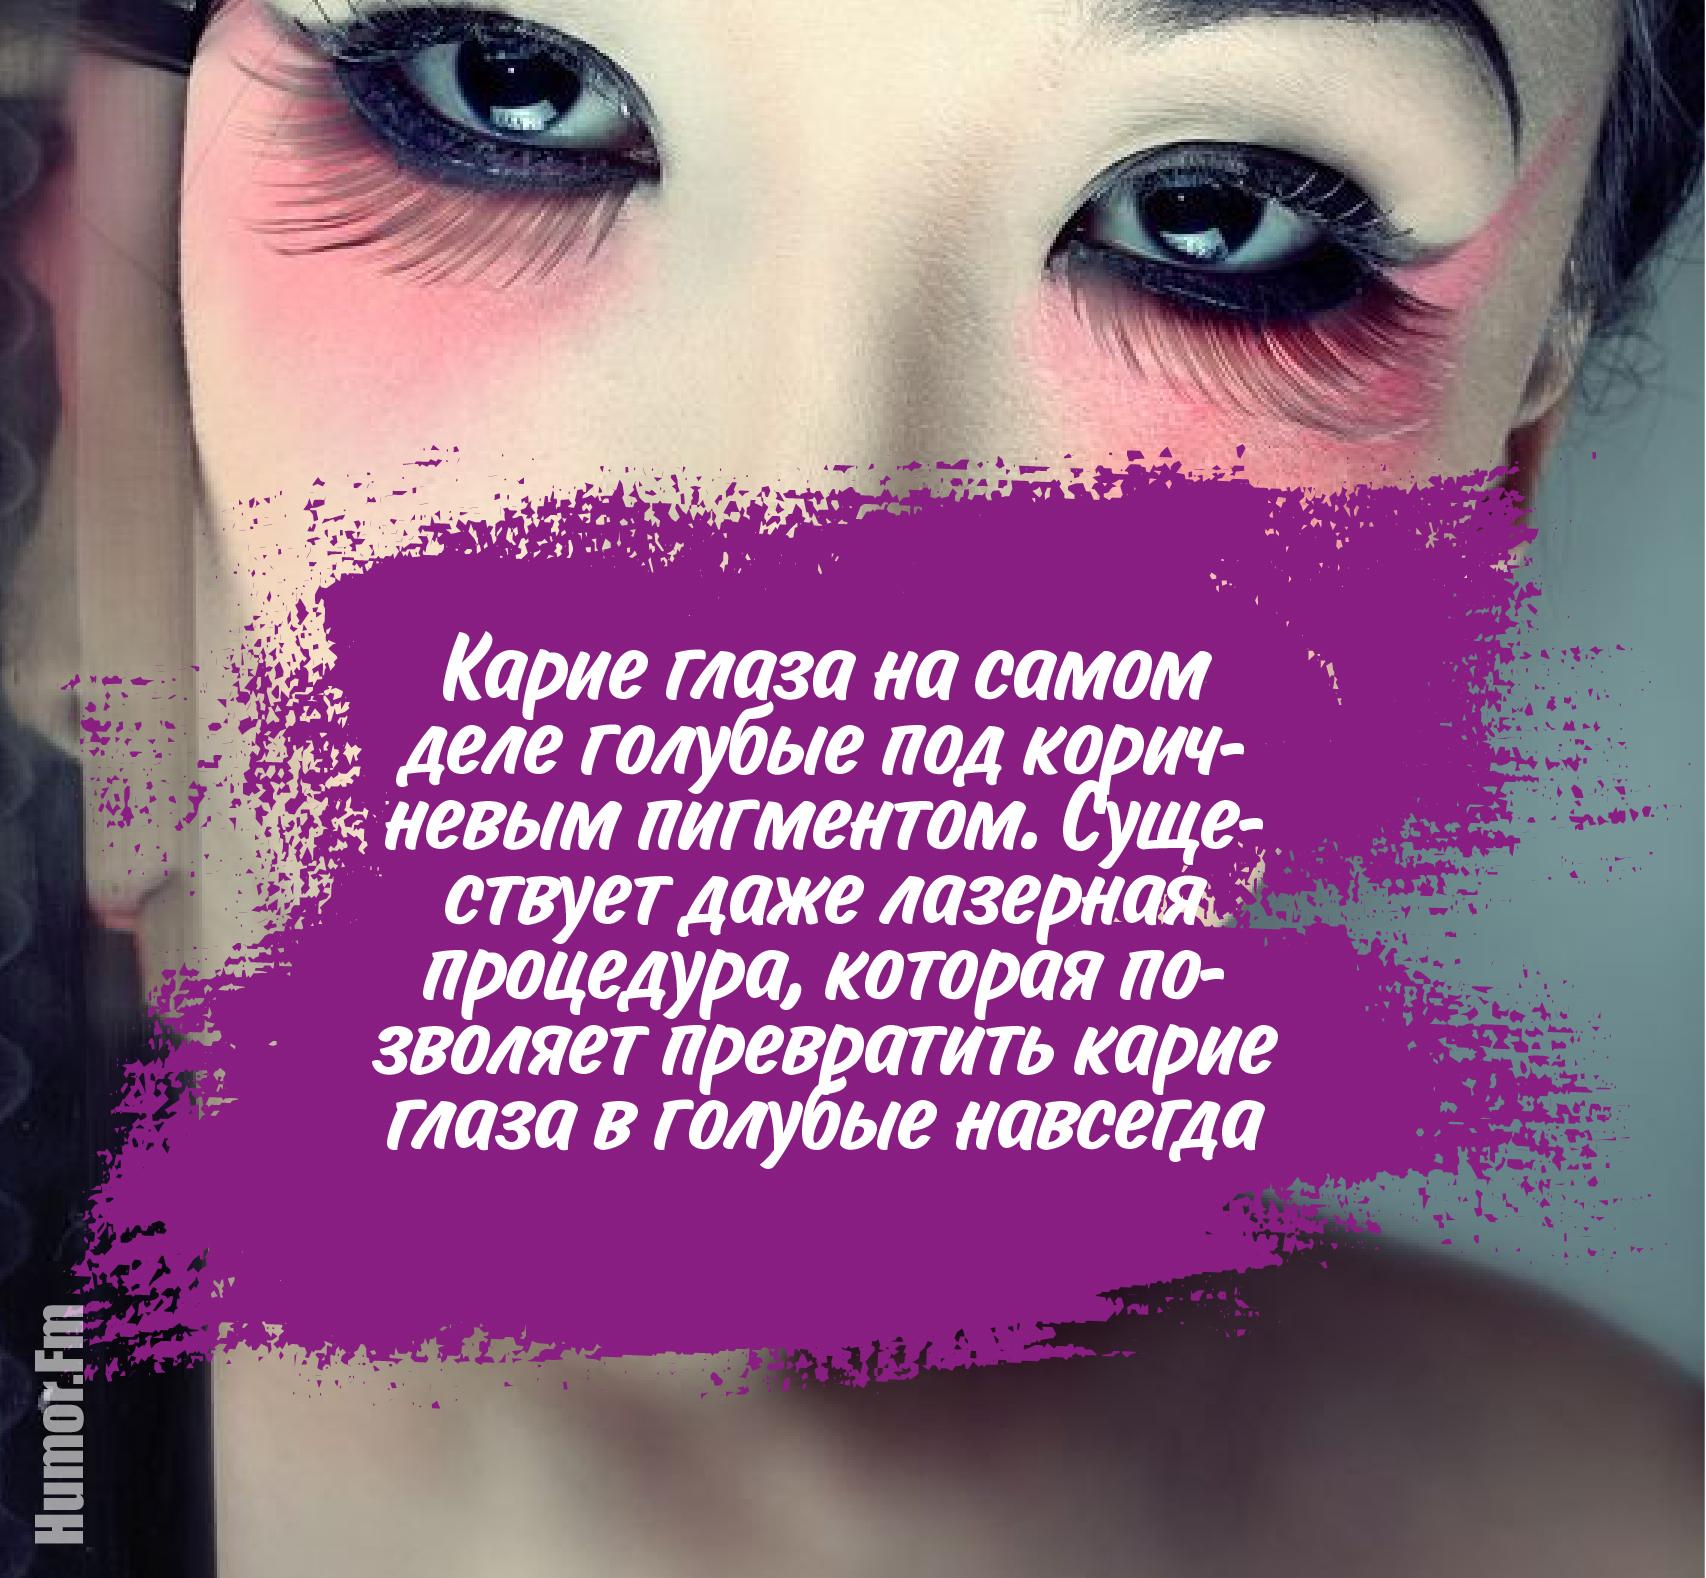 лучшие слова девушке при знакомстве